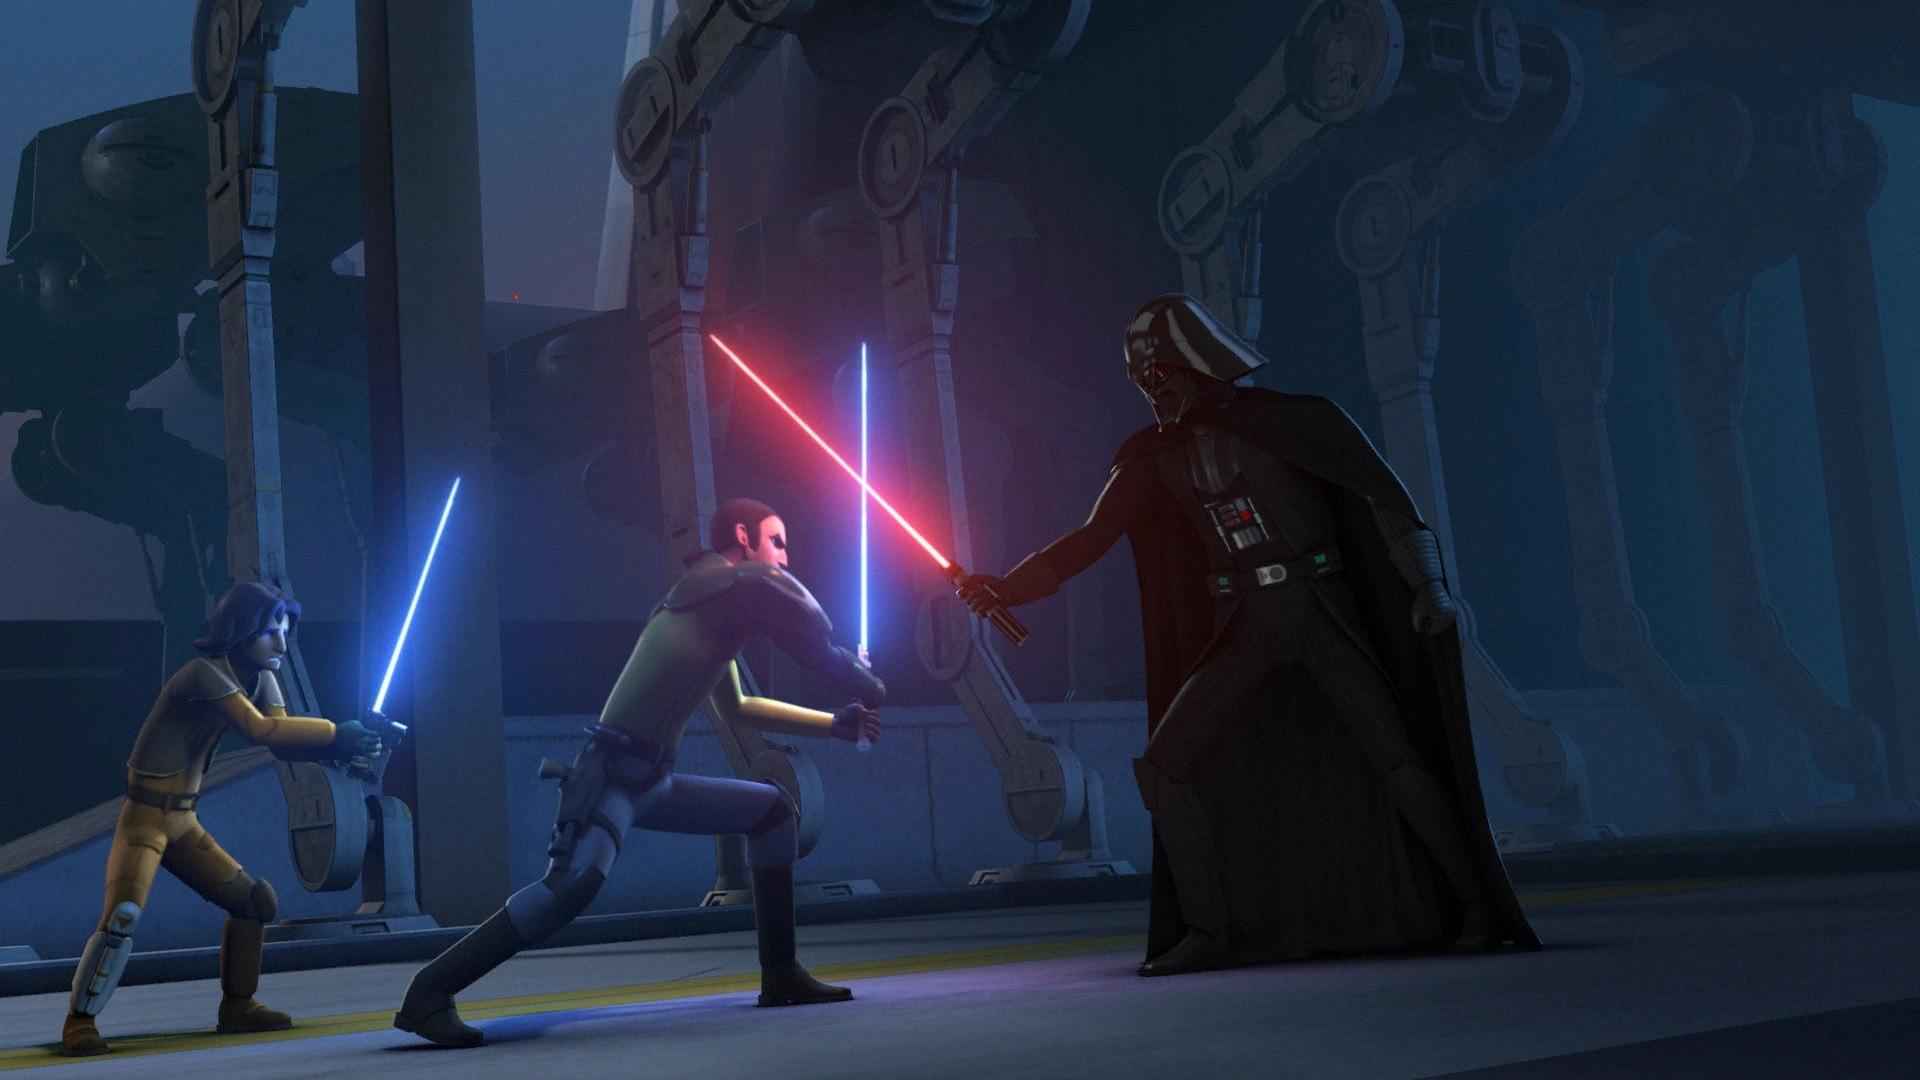 Star Wars: Rebelii Sezonul 2 Episodul 1 Online Subtitrat în Română